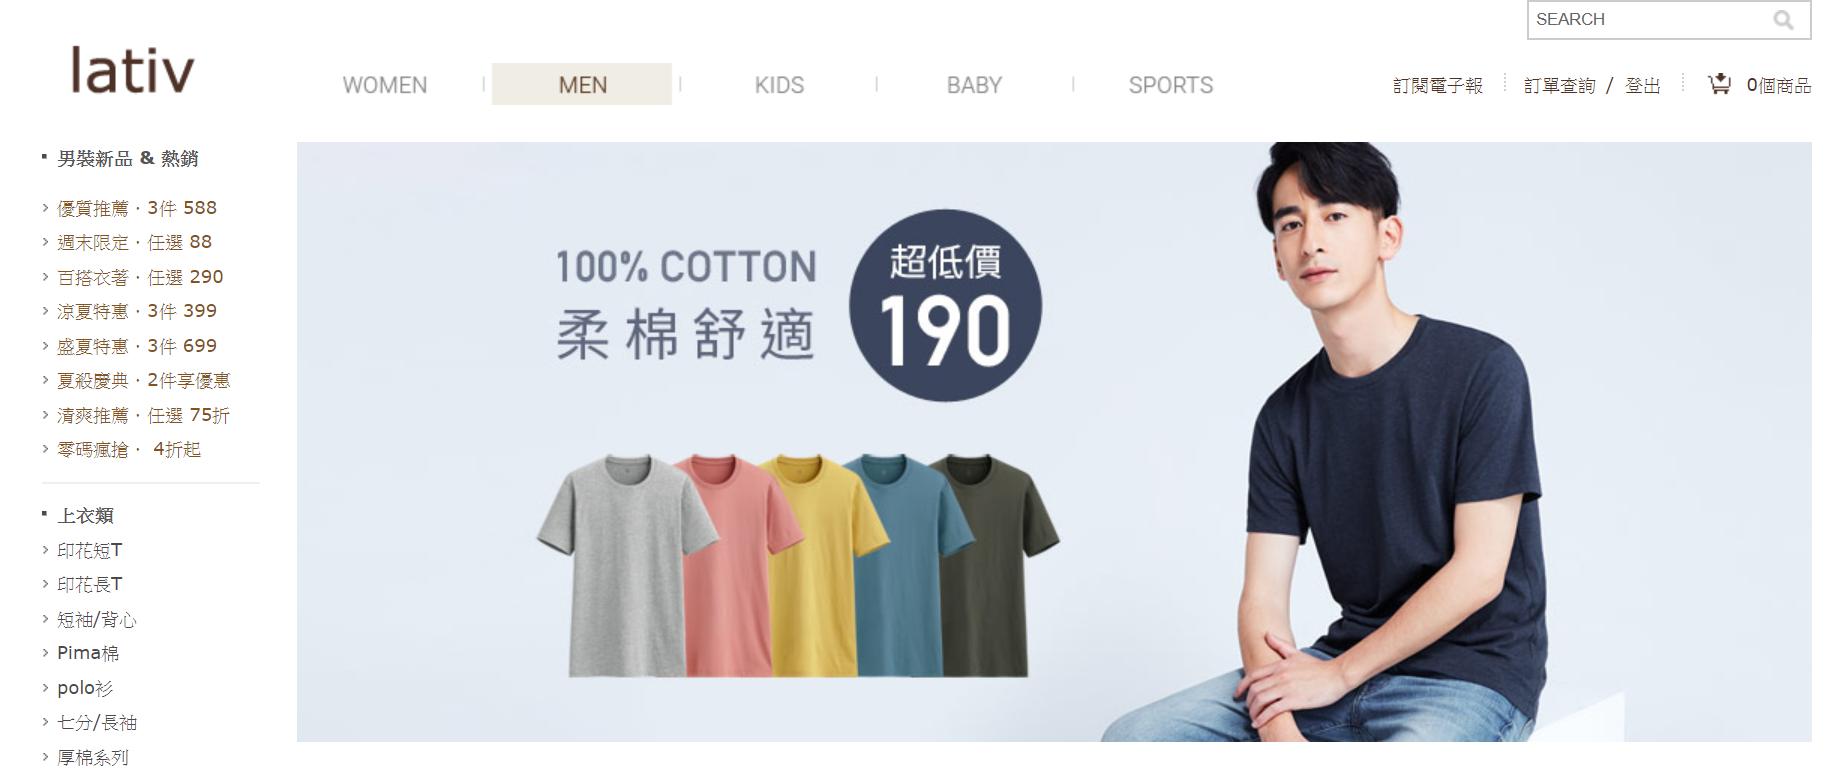 台湾版ユニクロ?「lativ」で服を買ってみた【台湾生活】